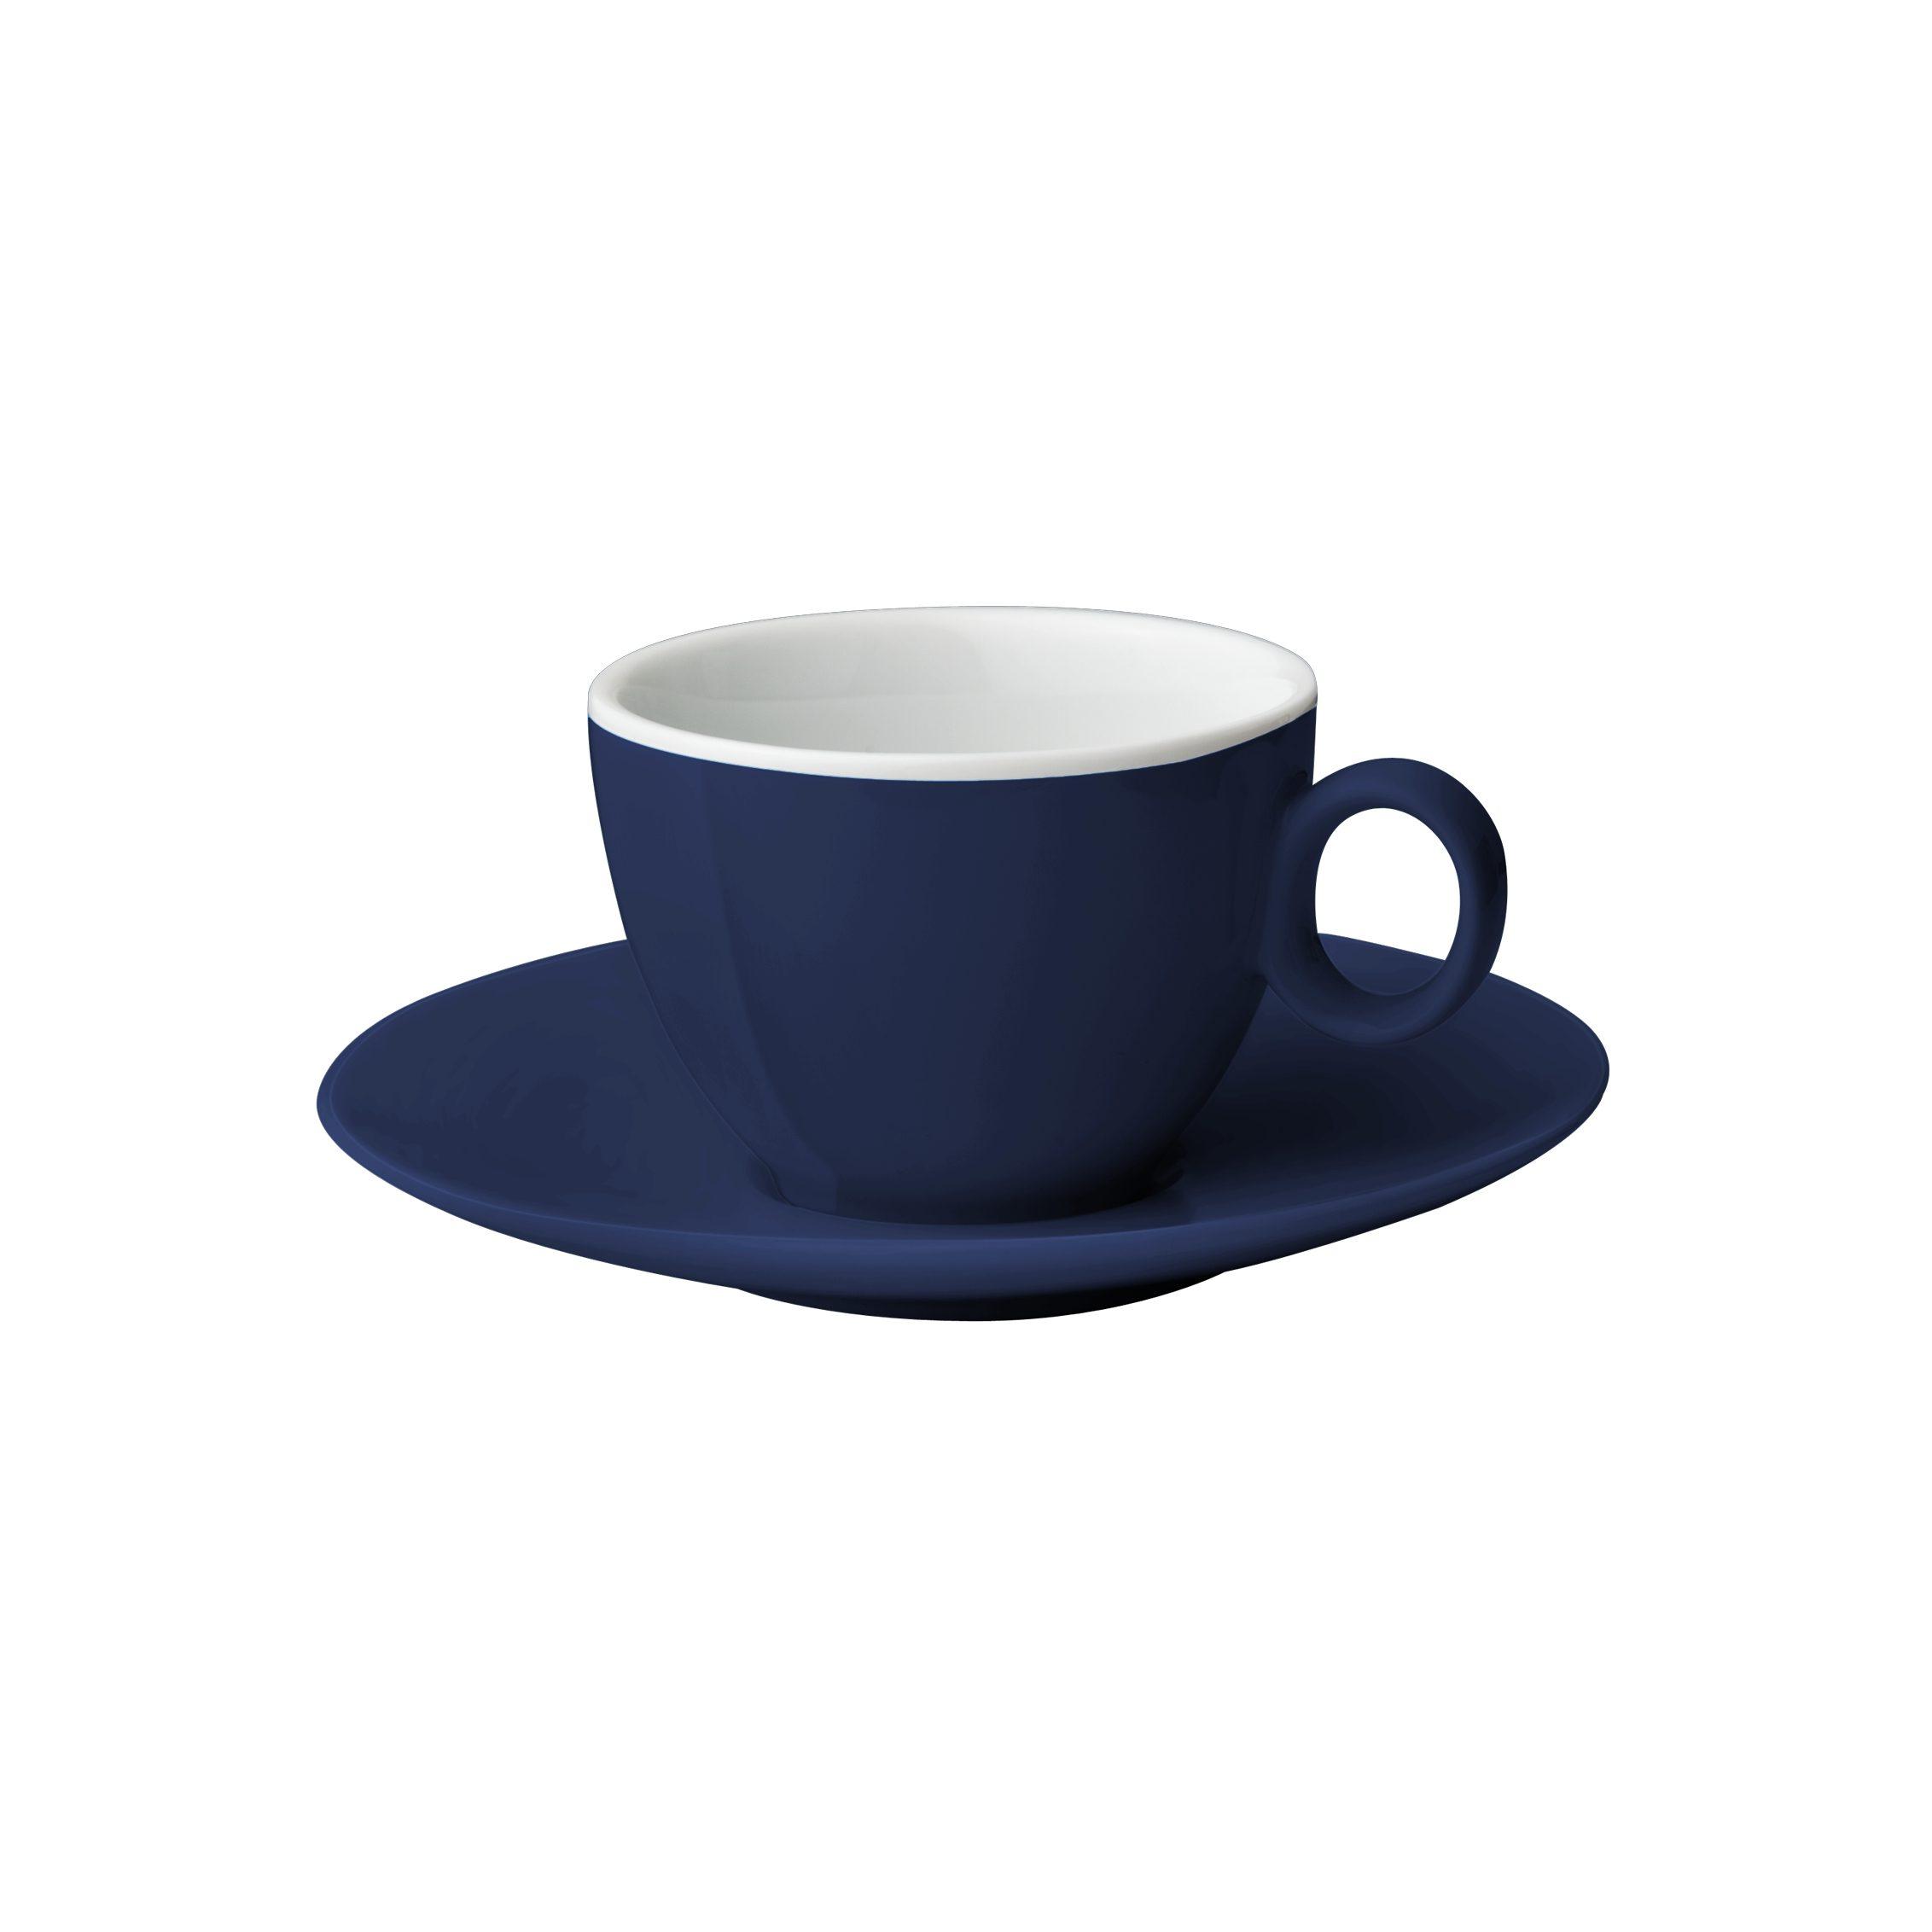 Tazzina espresso blu scuro